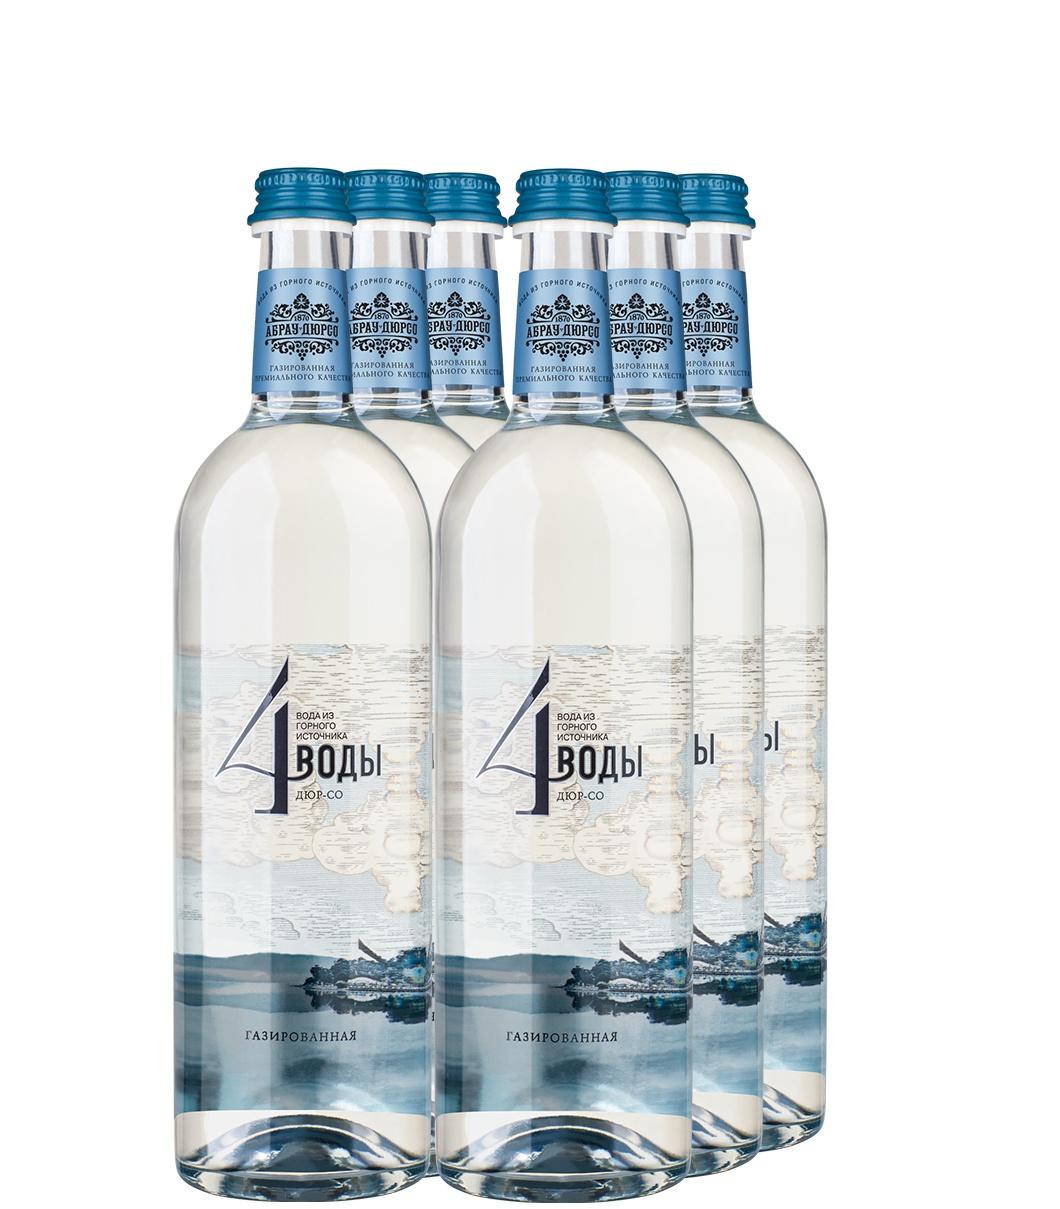 Вода Абрау-Дюрсо 81001, 1411